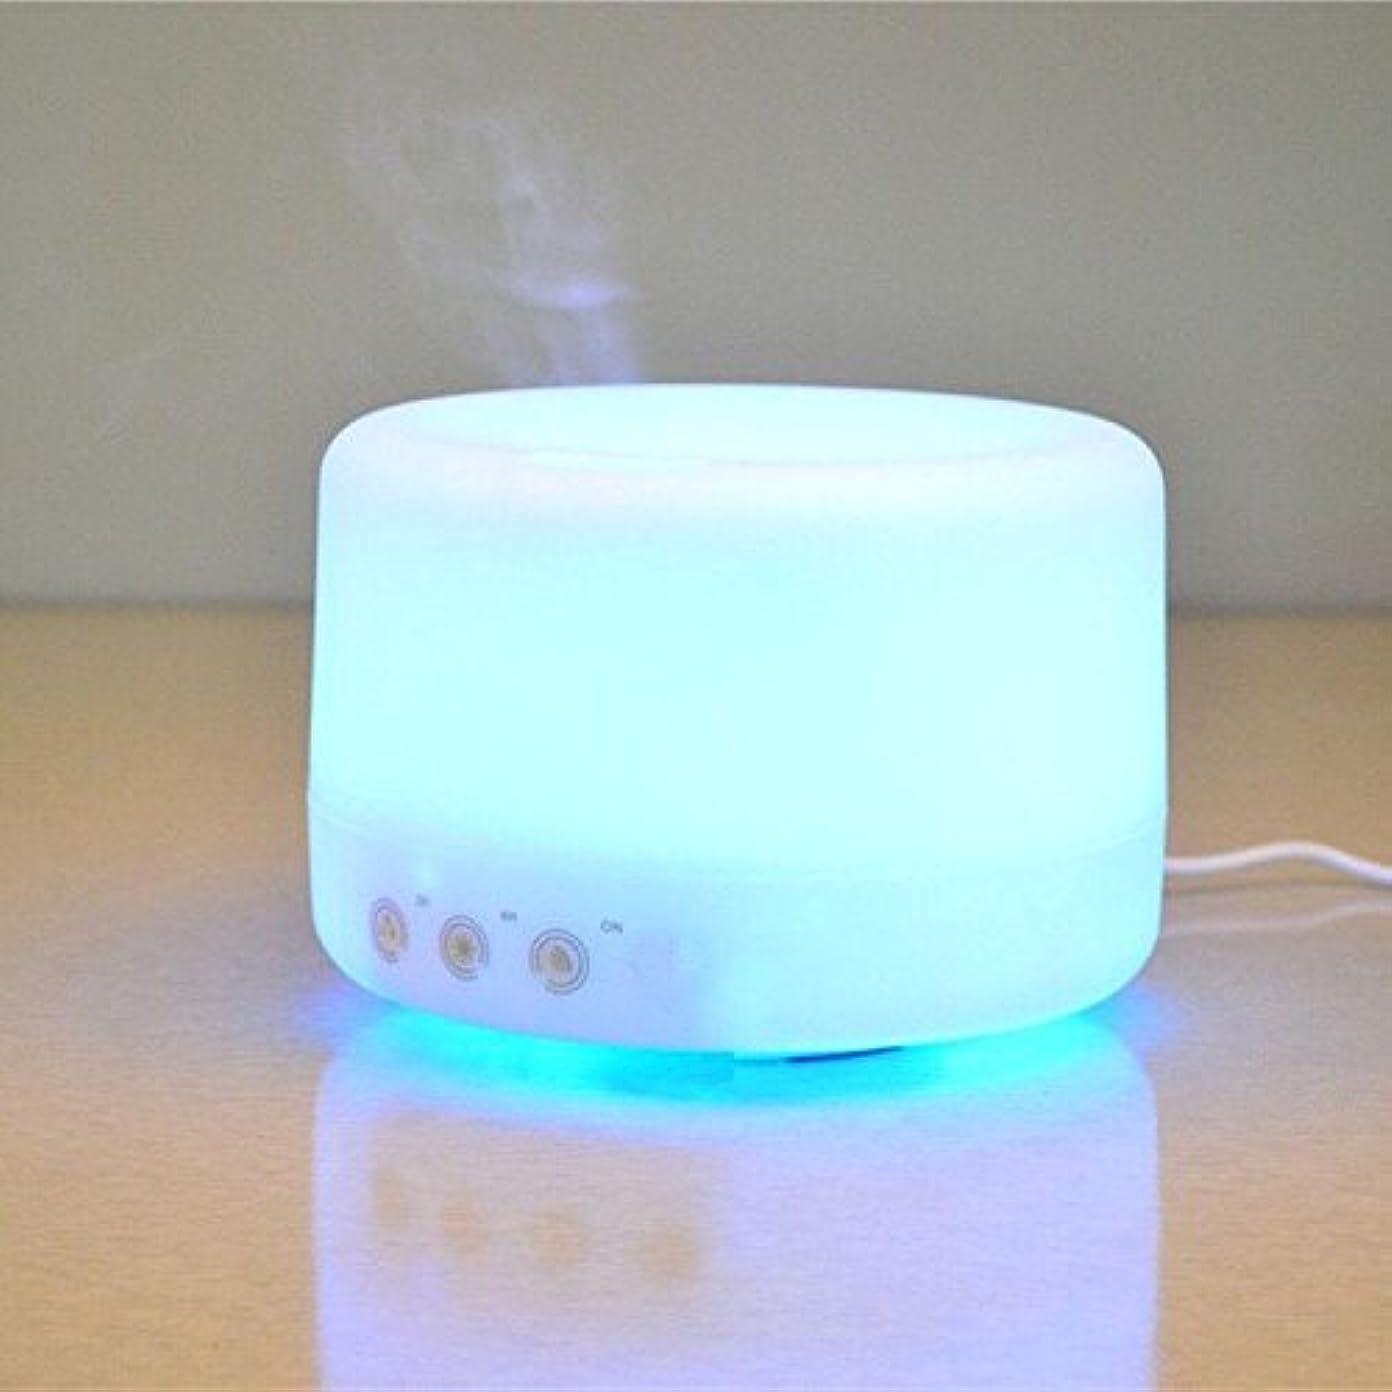 先例サイレントご覧ください加湿器 アロマ 卓上 超音波式 【最新版】 大容量 18時間連続運転 無音無臭 給水簡単 お手入れ簡単 アロマディフューザー 超音波式 加湿器 7色LEDライト変換 アロマライト LED搭載 (1000ml)